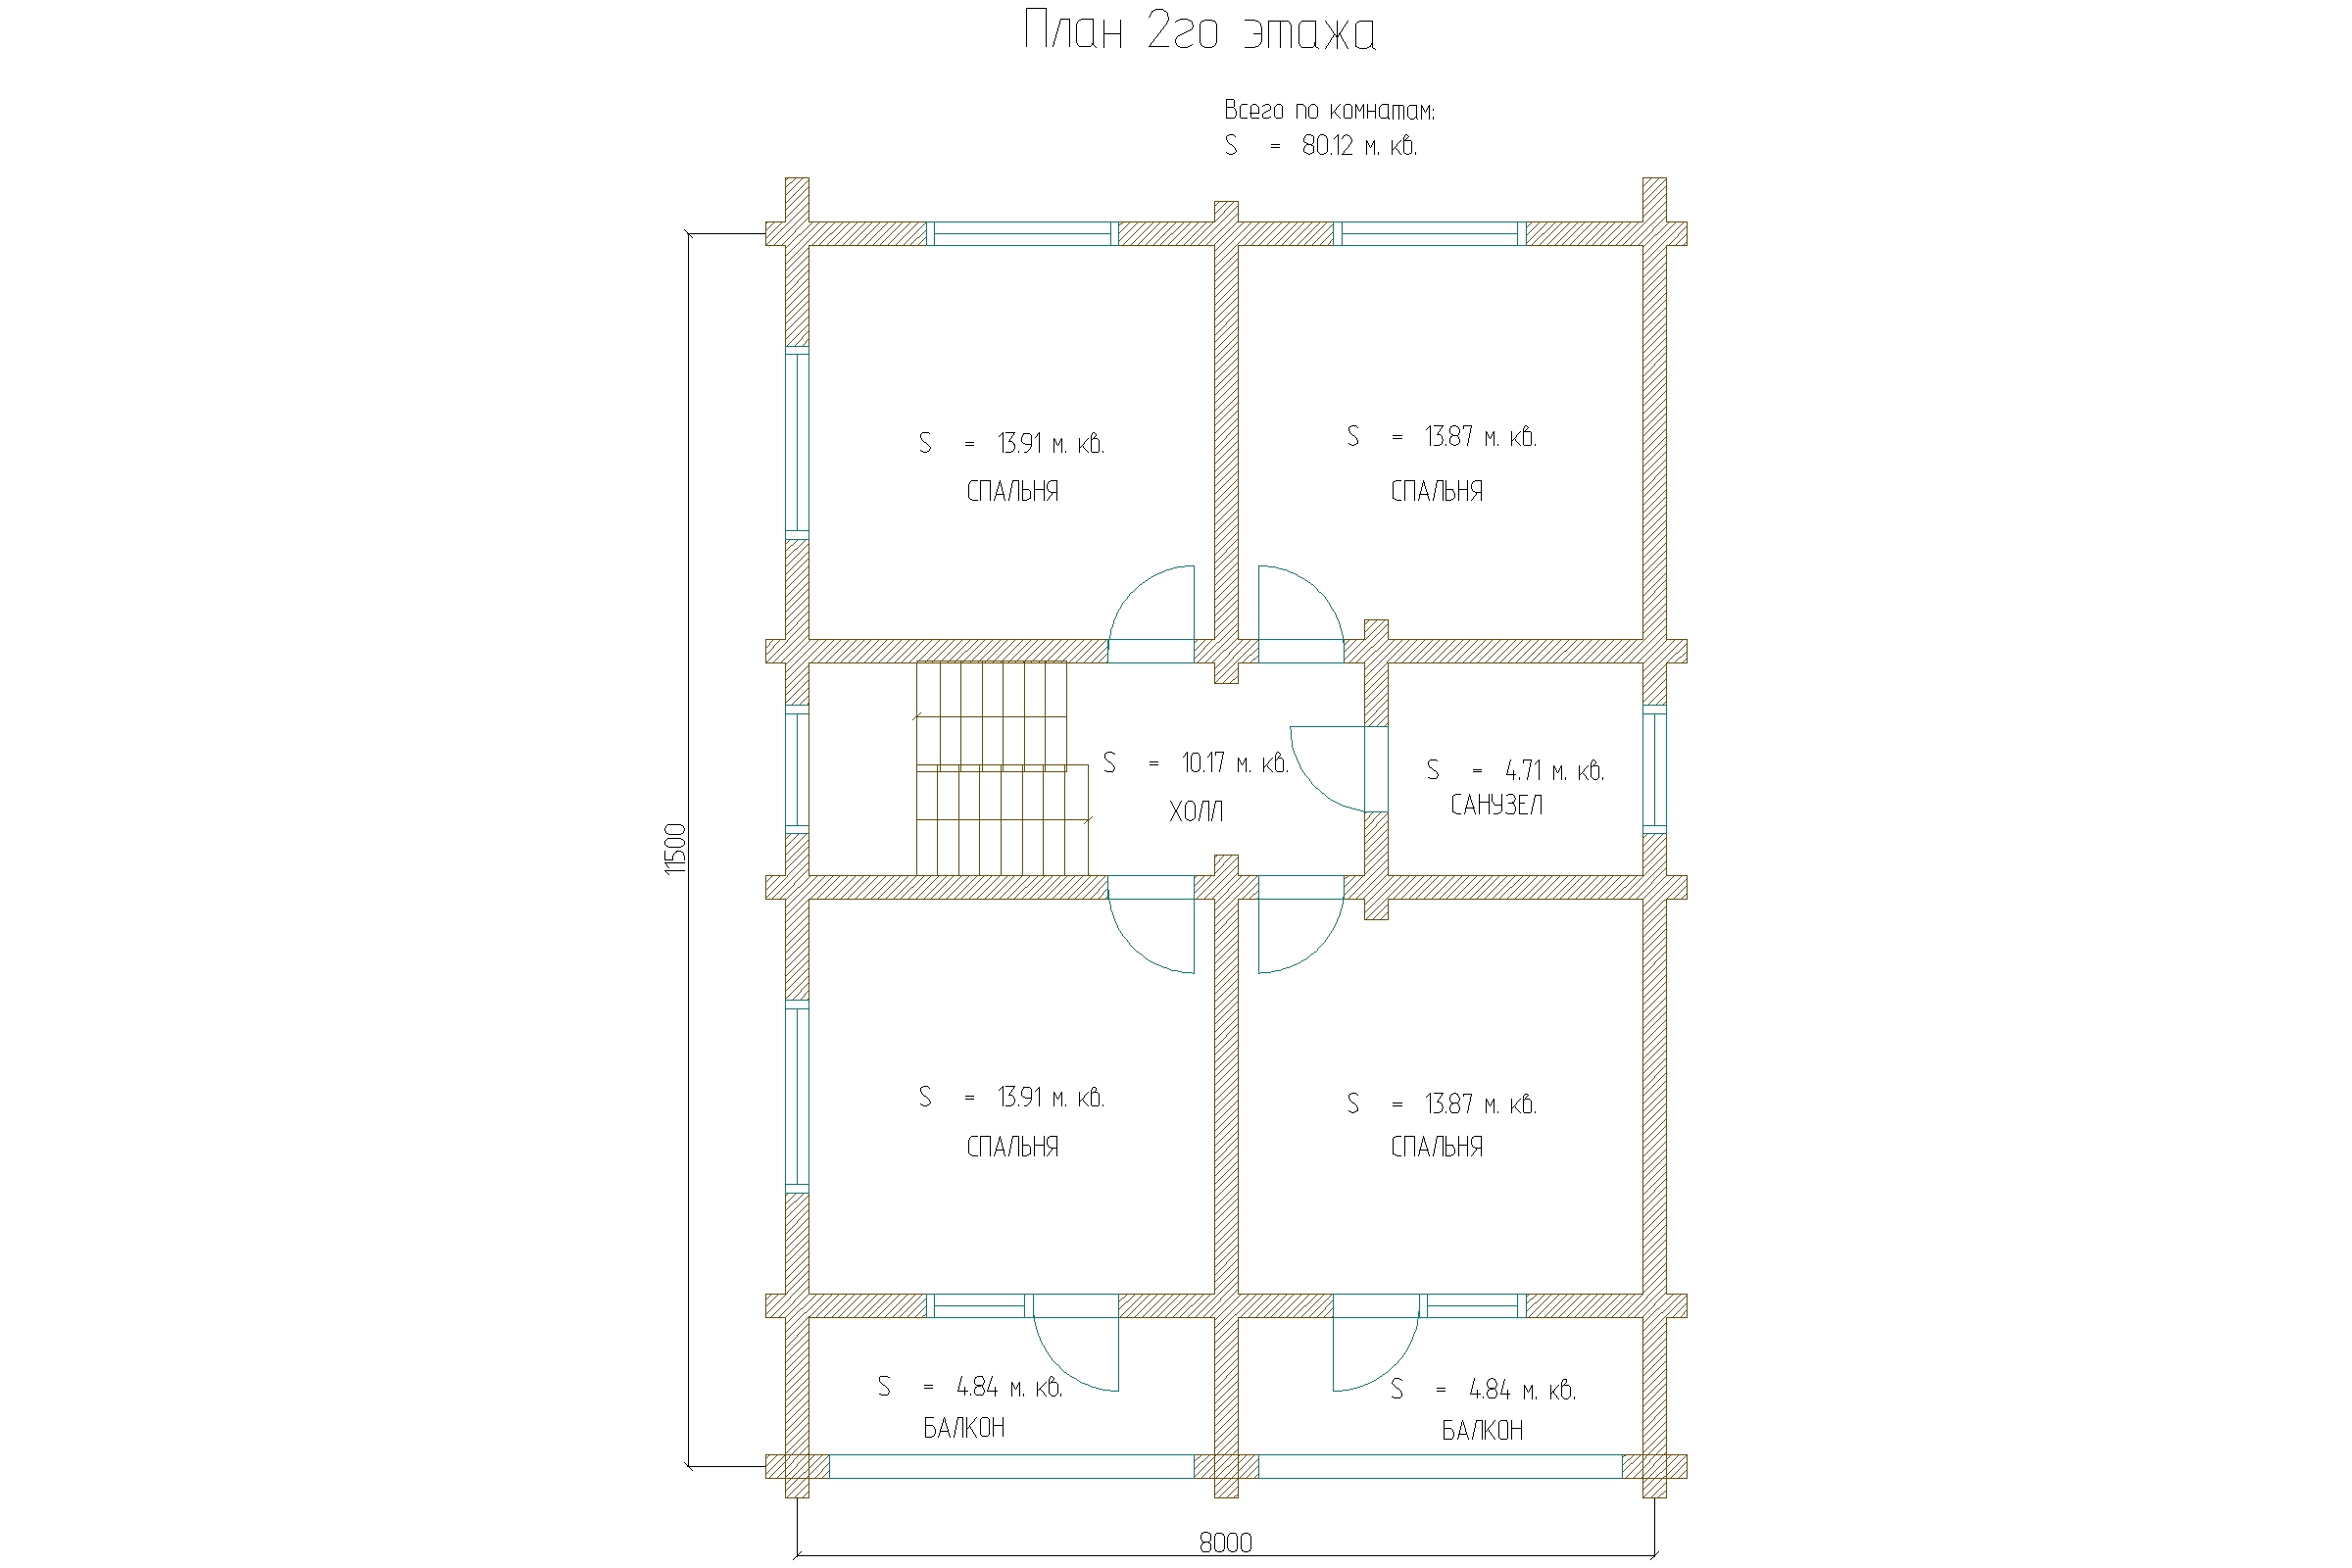 Проект двухэтажного дома 200м2 план